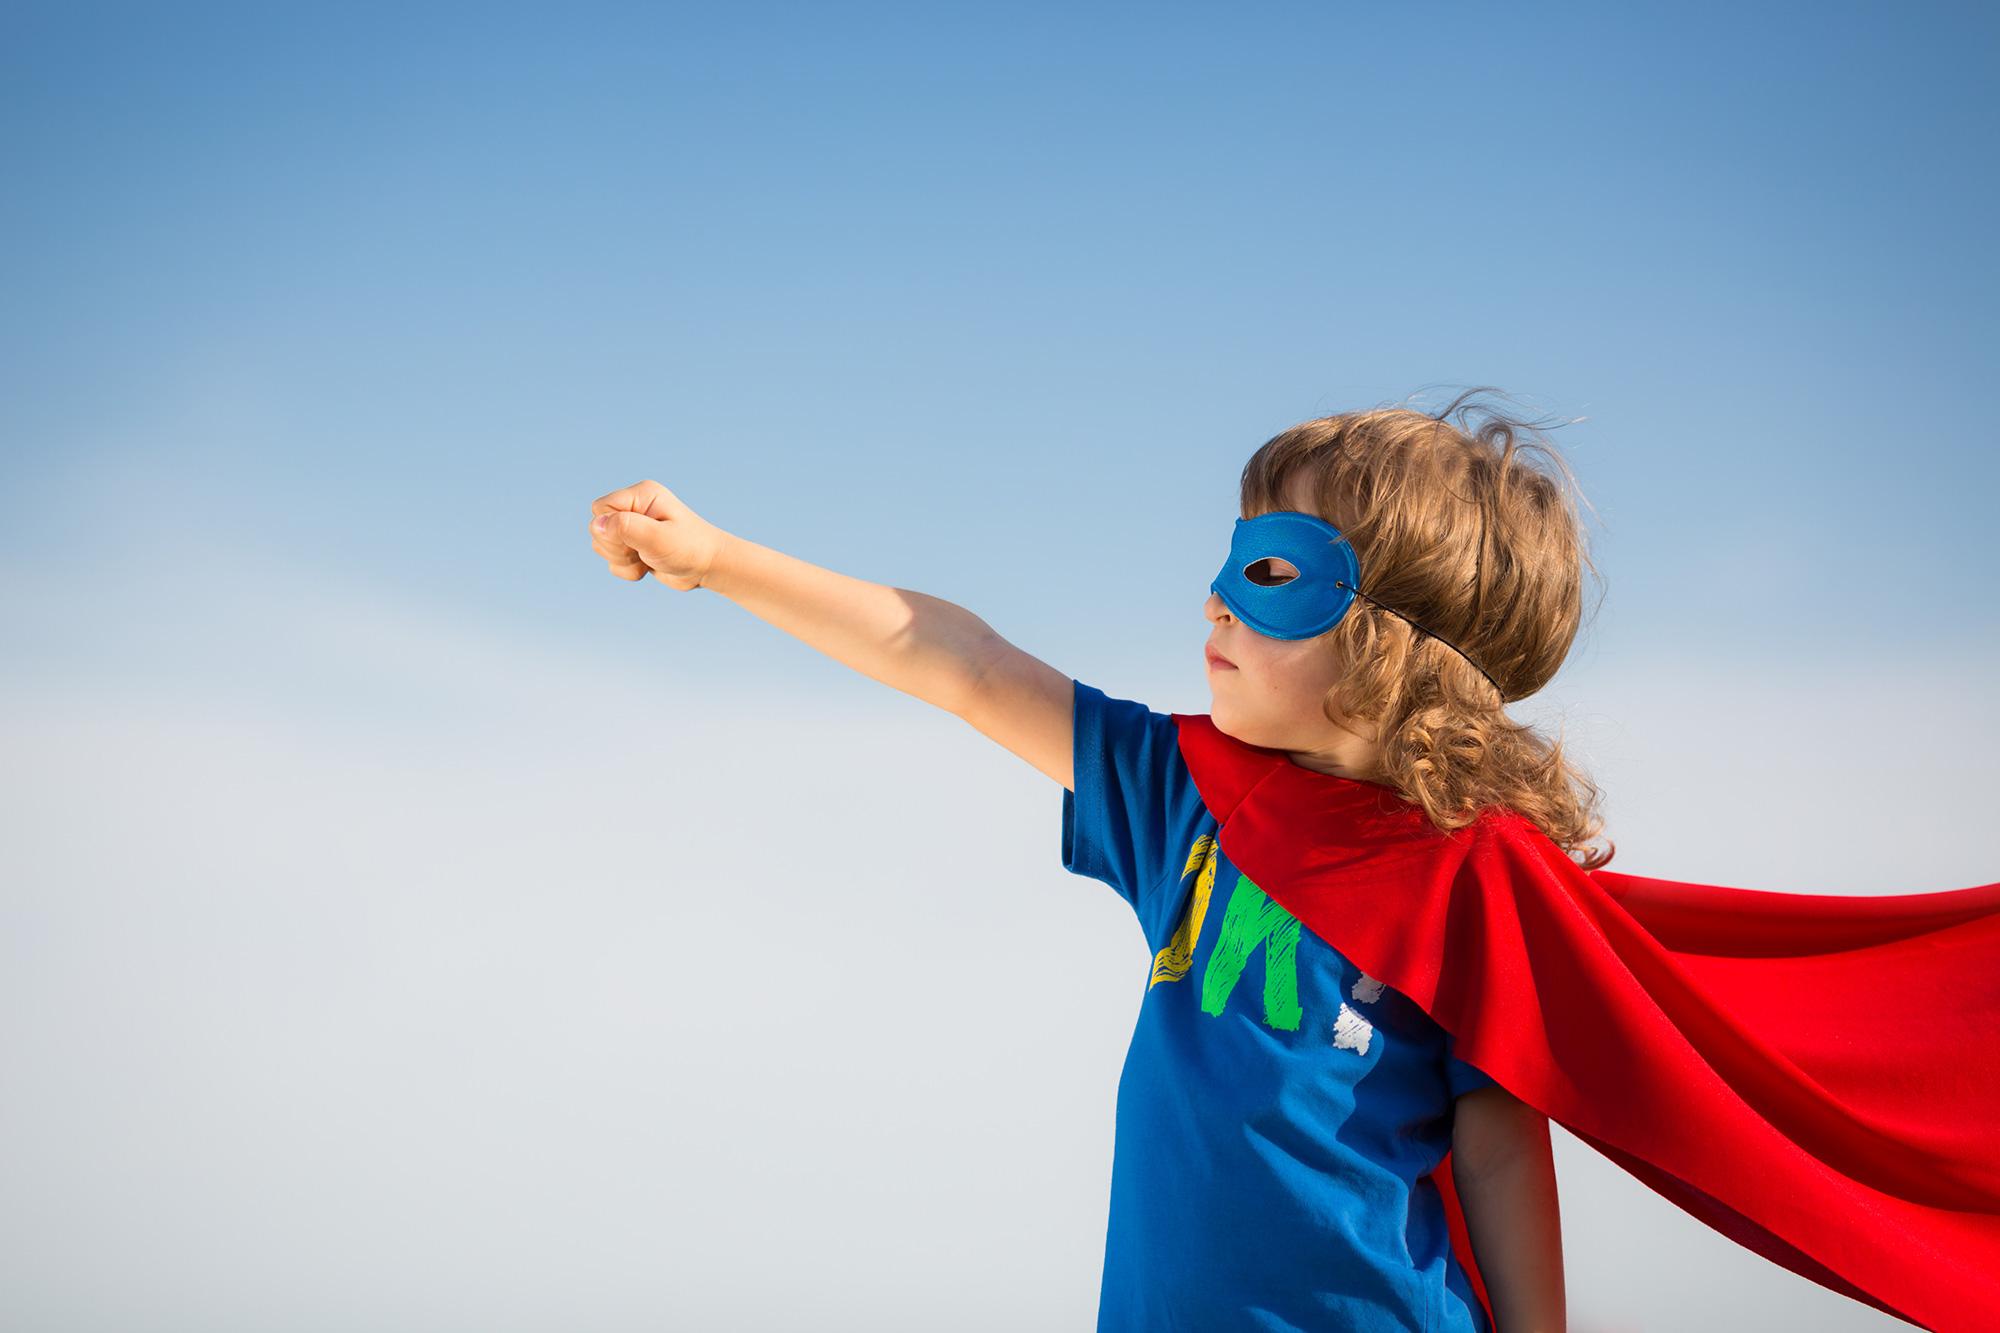 Realização Empreendedora Empreendedor Superman Mirim